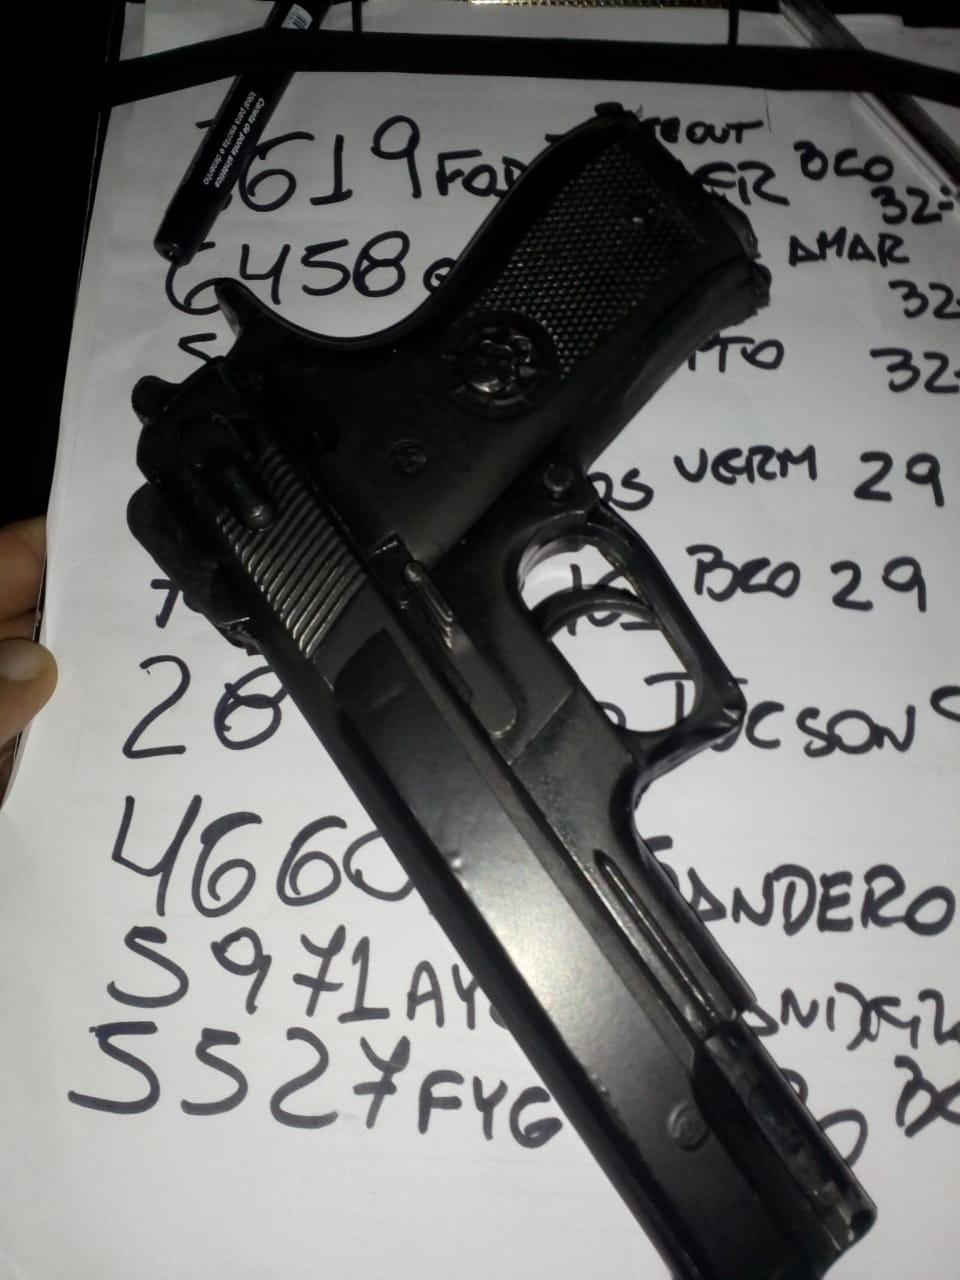 Polícia de Itaquaquecetuba apreende dois adolescentes por suspeita de tentativa de roubo a motorista de aplicativo - Notícias - Plantão Diário